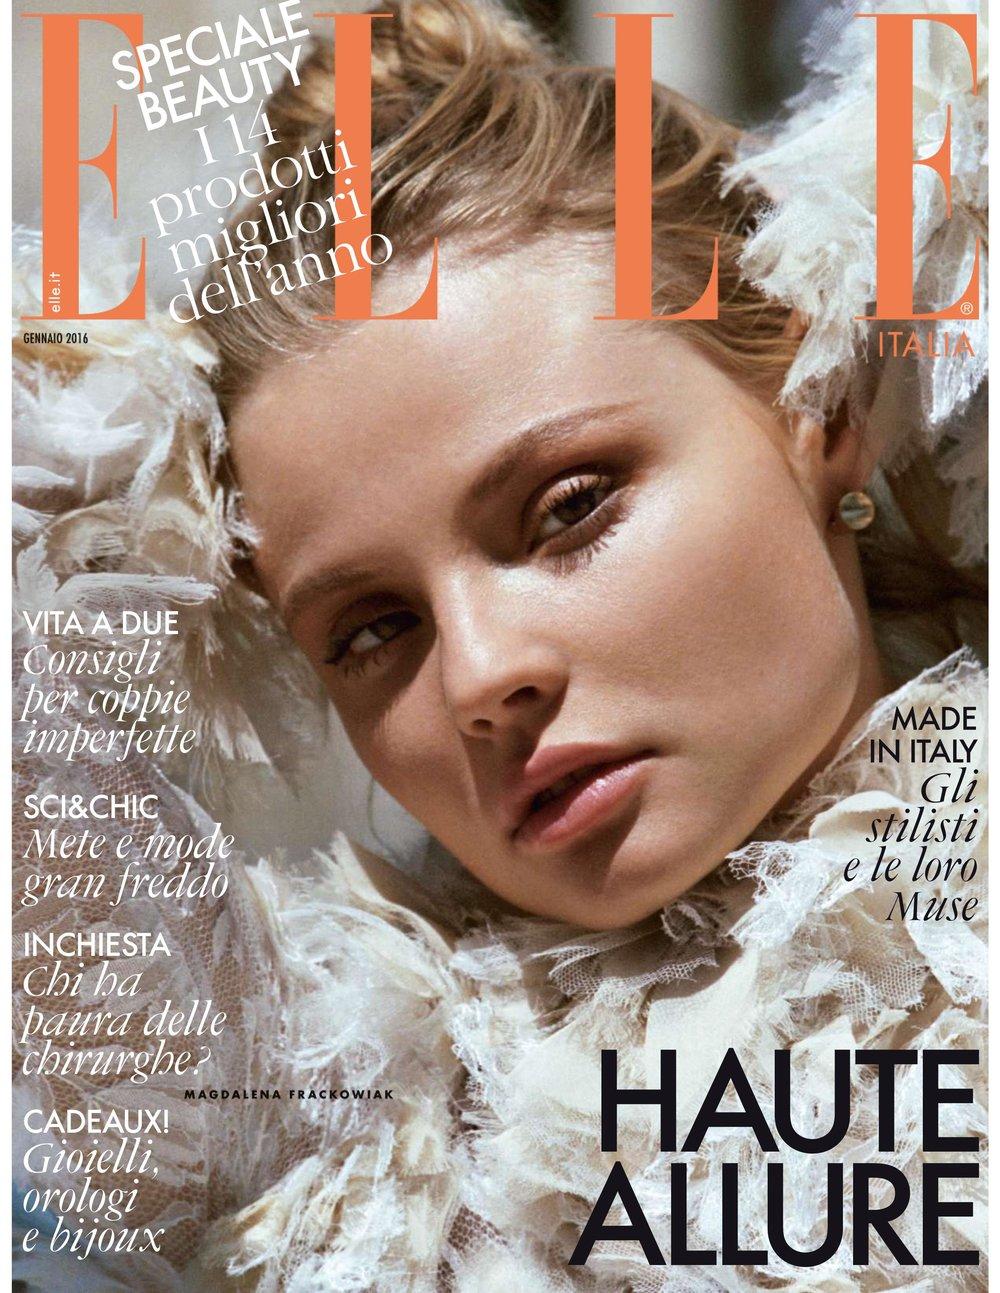 Elle Jan 2016 cover -page-001.jpg